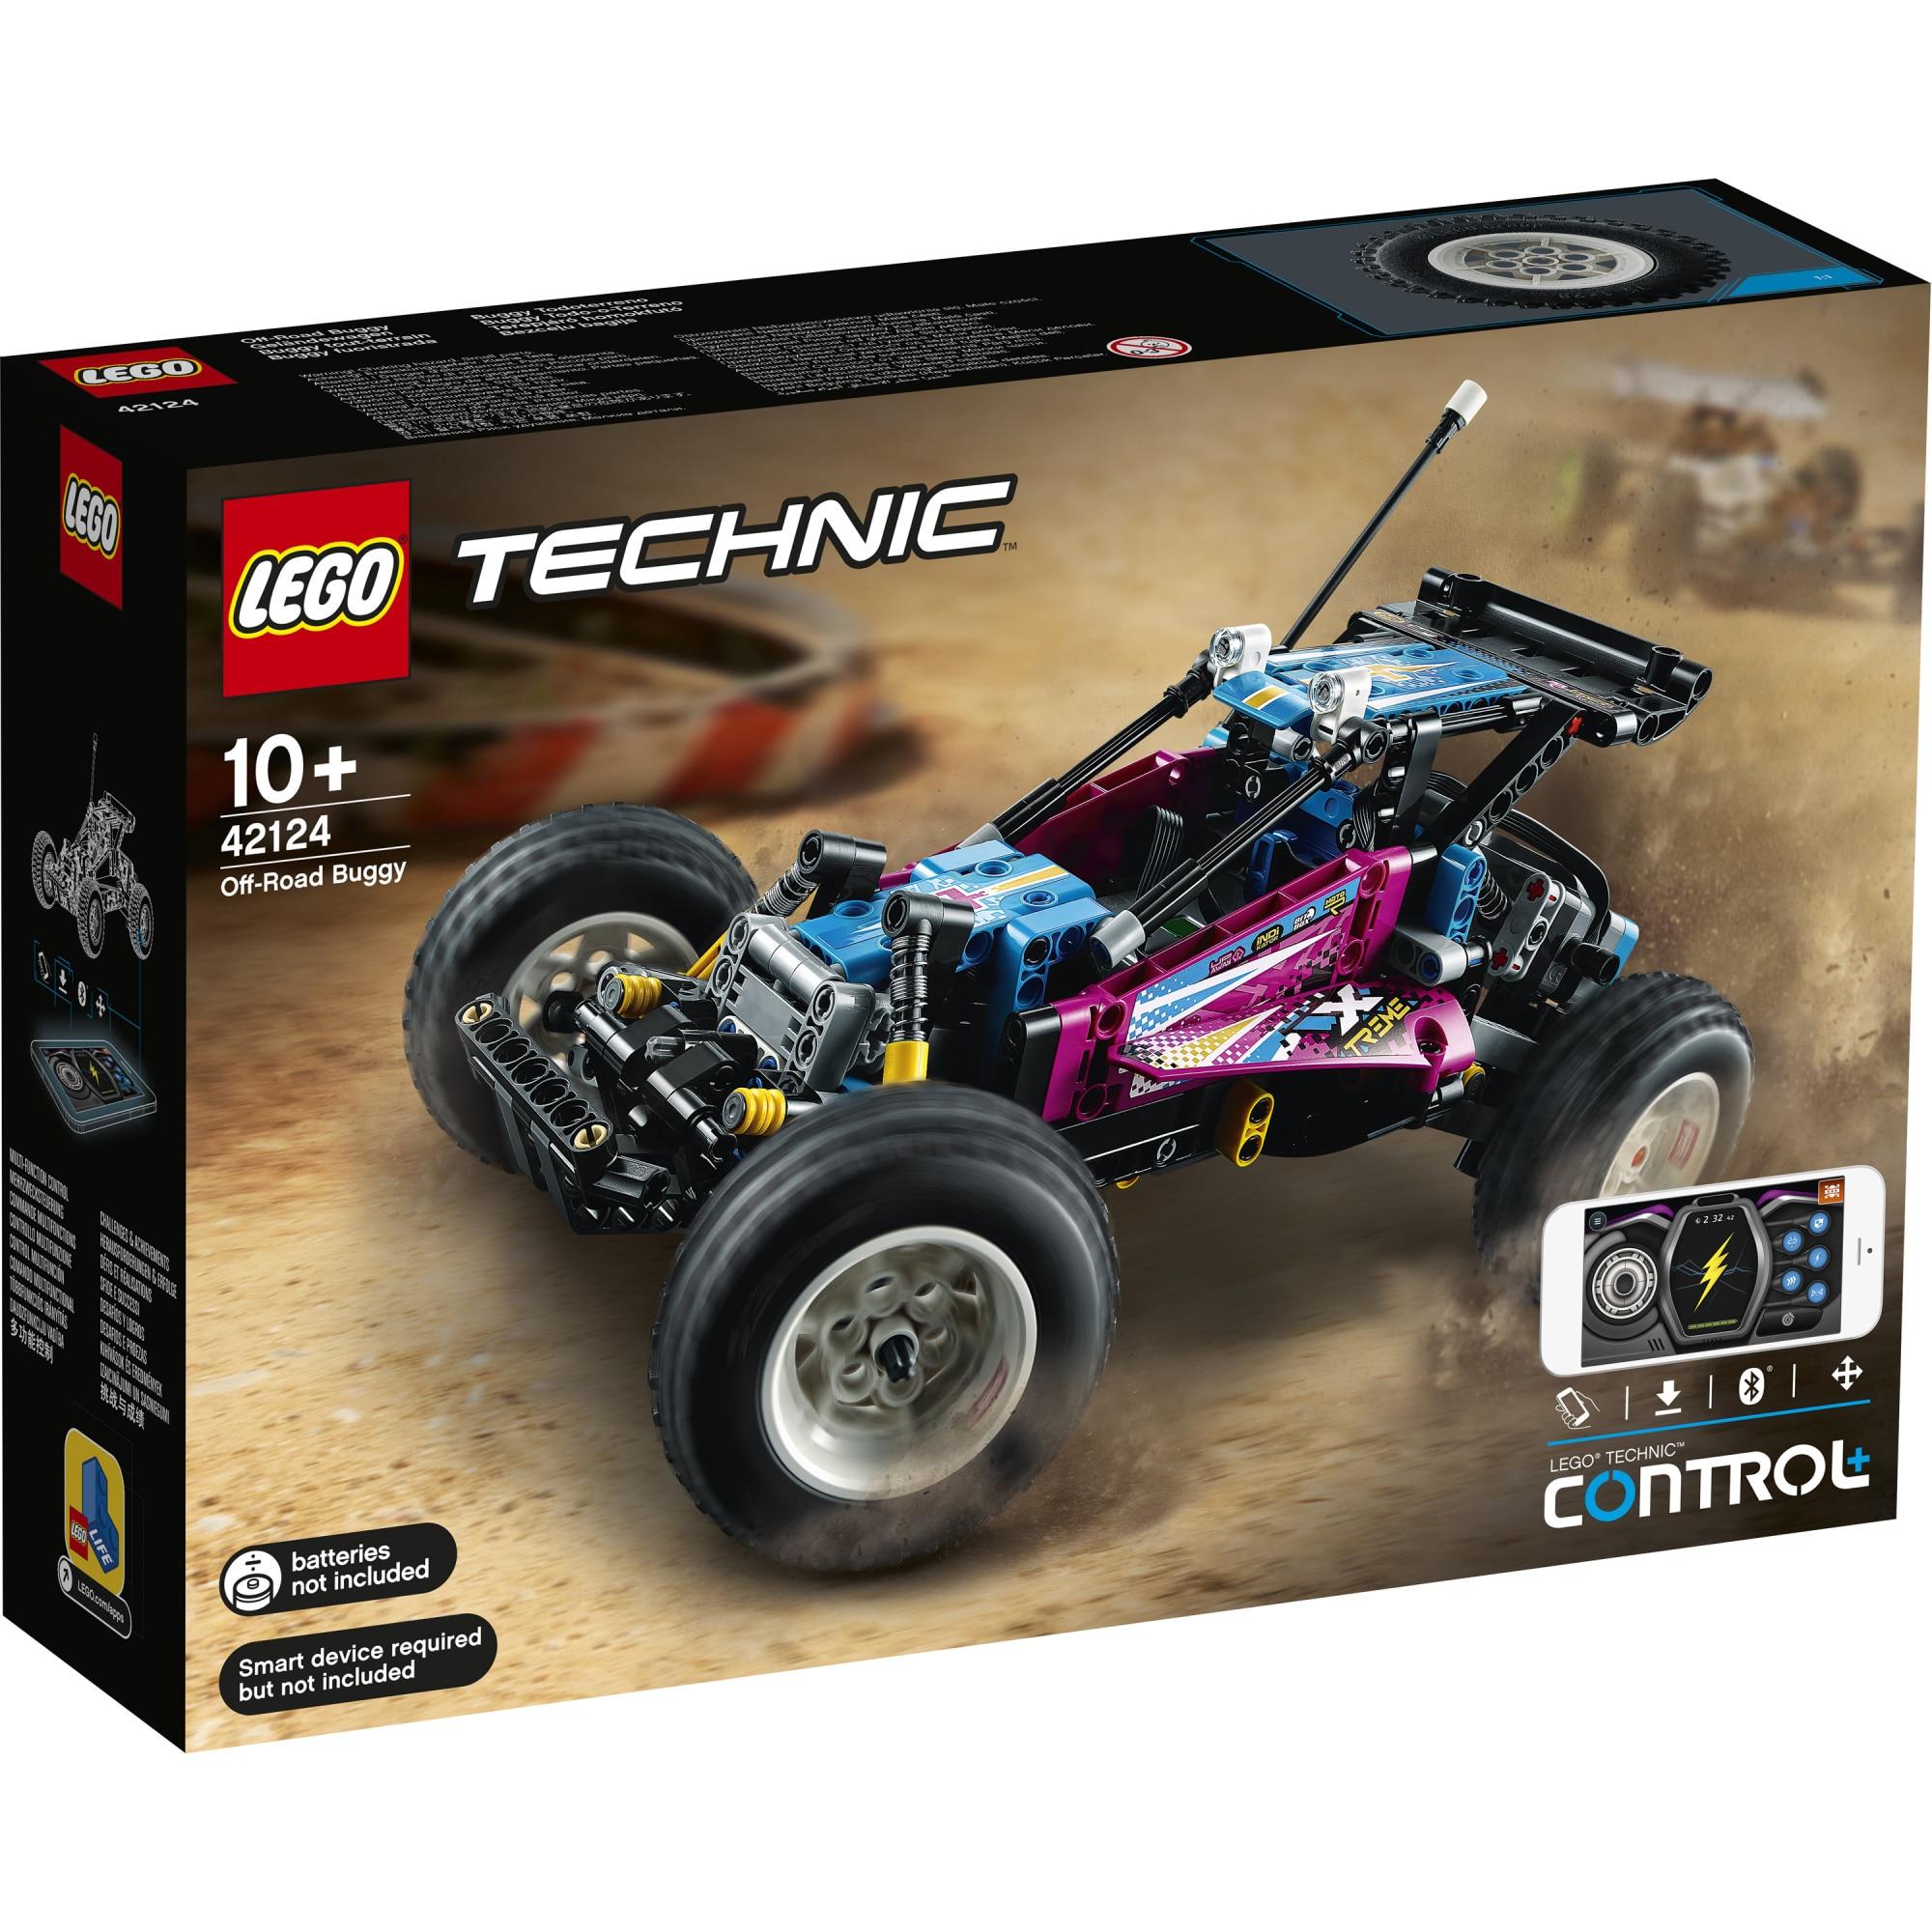 Fotografie LEGO Technic - Vehicul de teren 42124, 374 piese